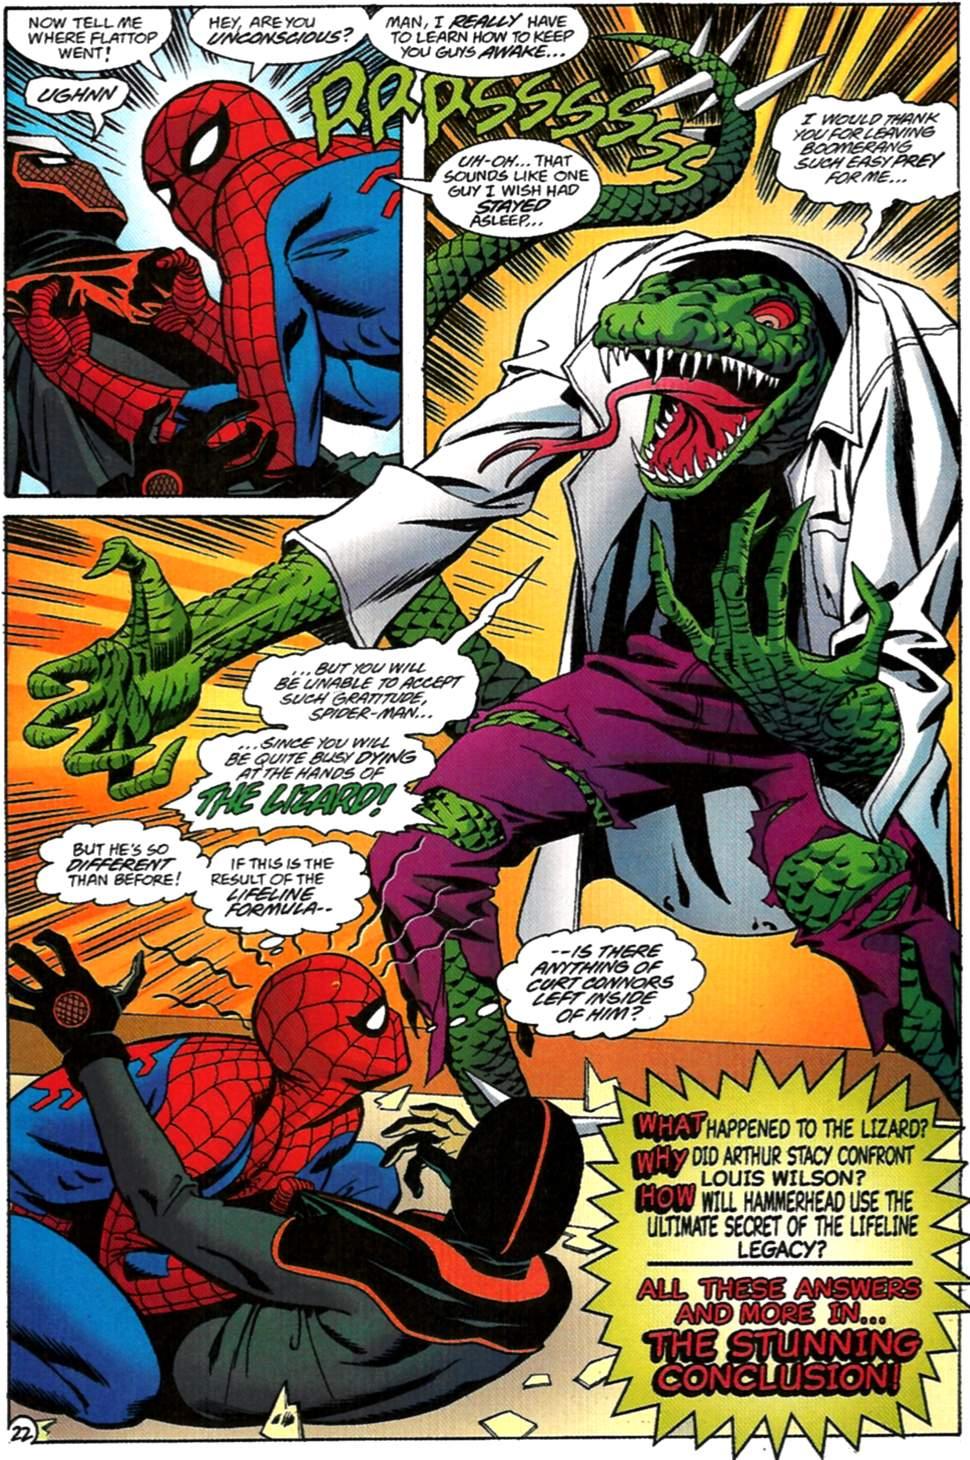 Read online Spider-Man: Lifeline comic -  Issue #2 - 23